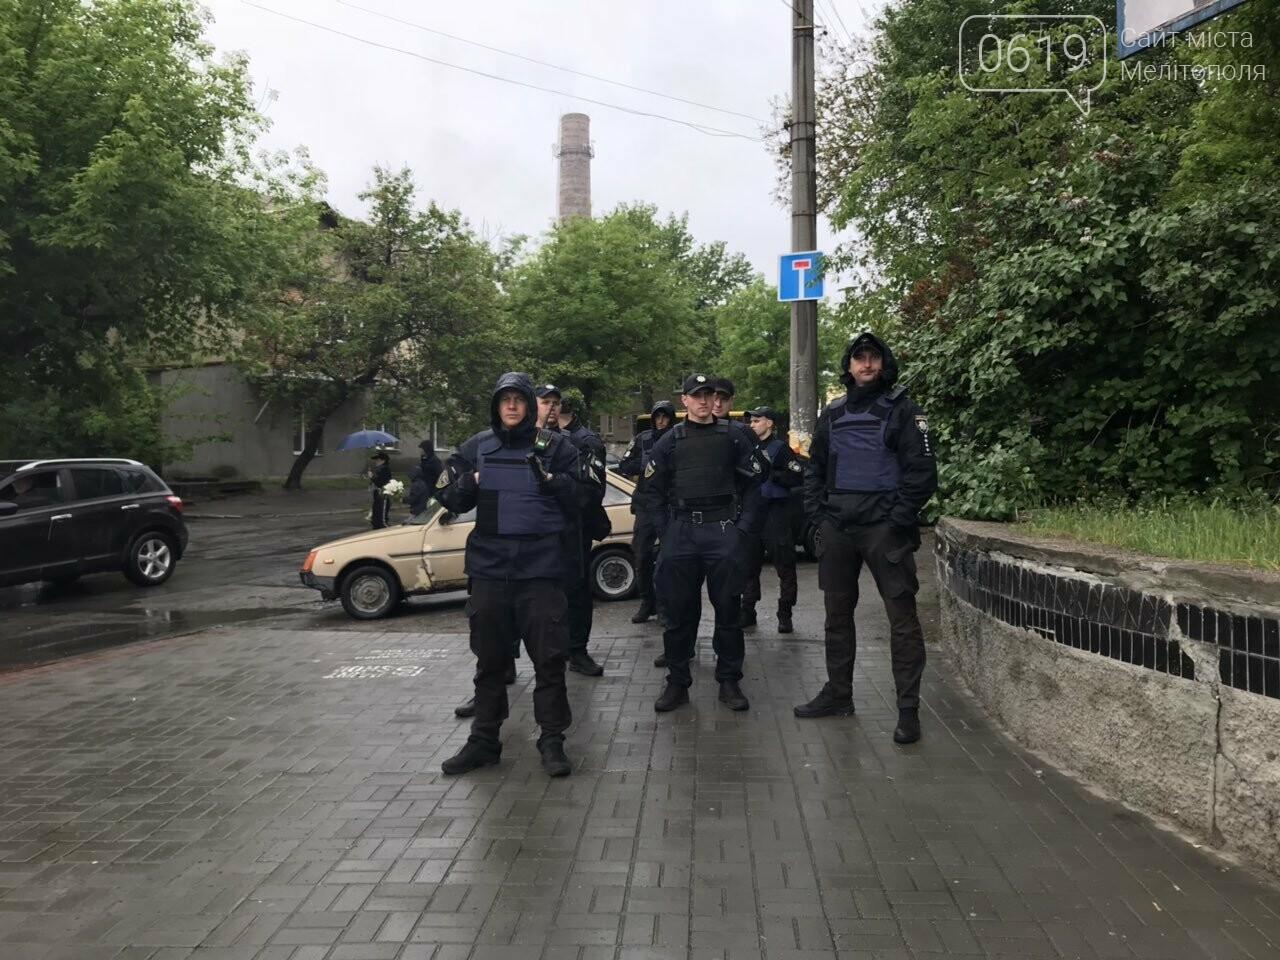 День Победы в Мелитополе прошел без массовых беспорядков, но с единичными инцидентами, фото-1